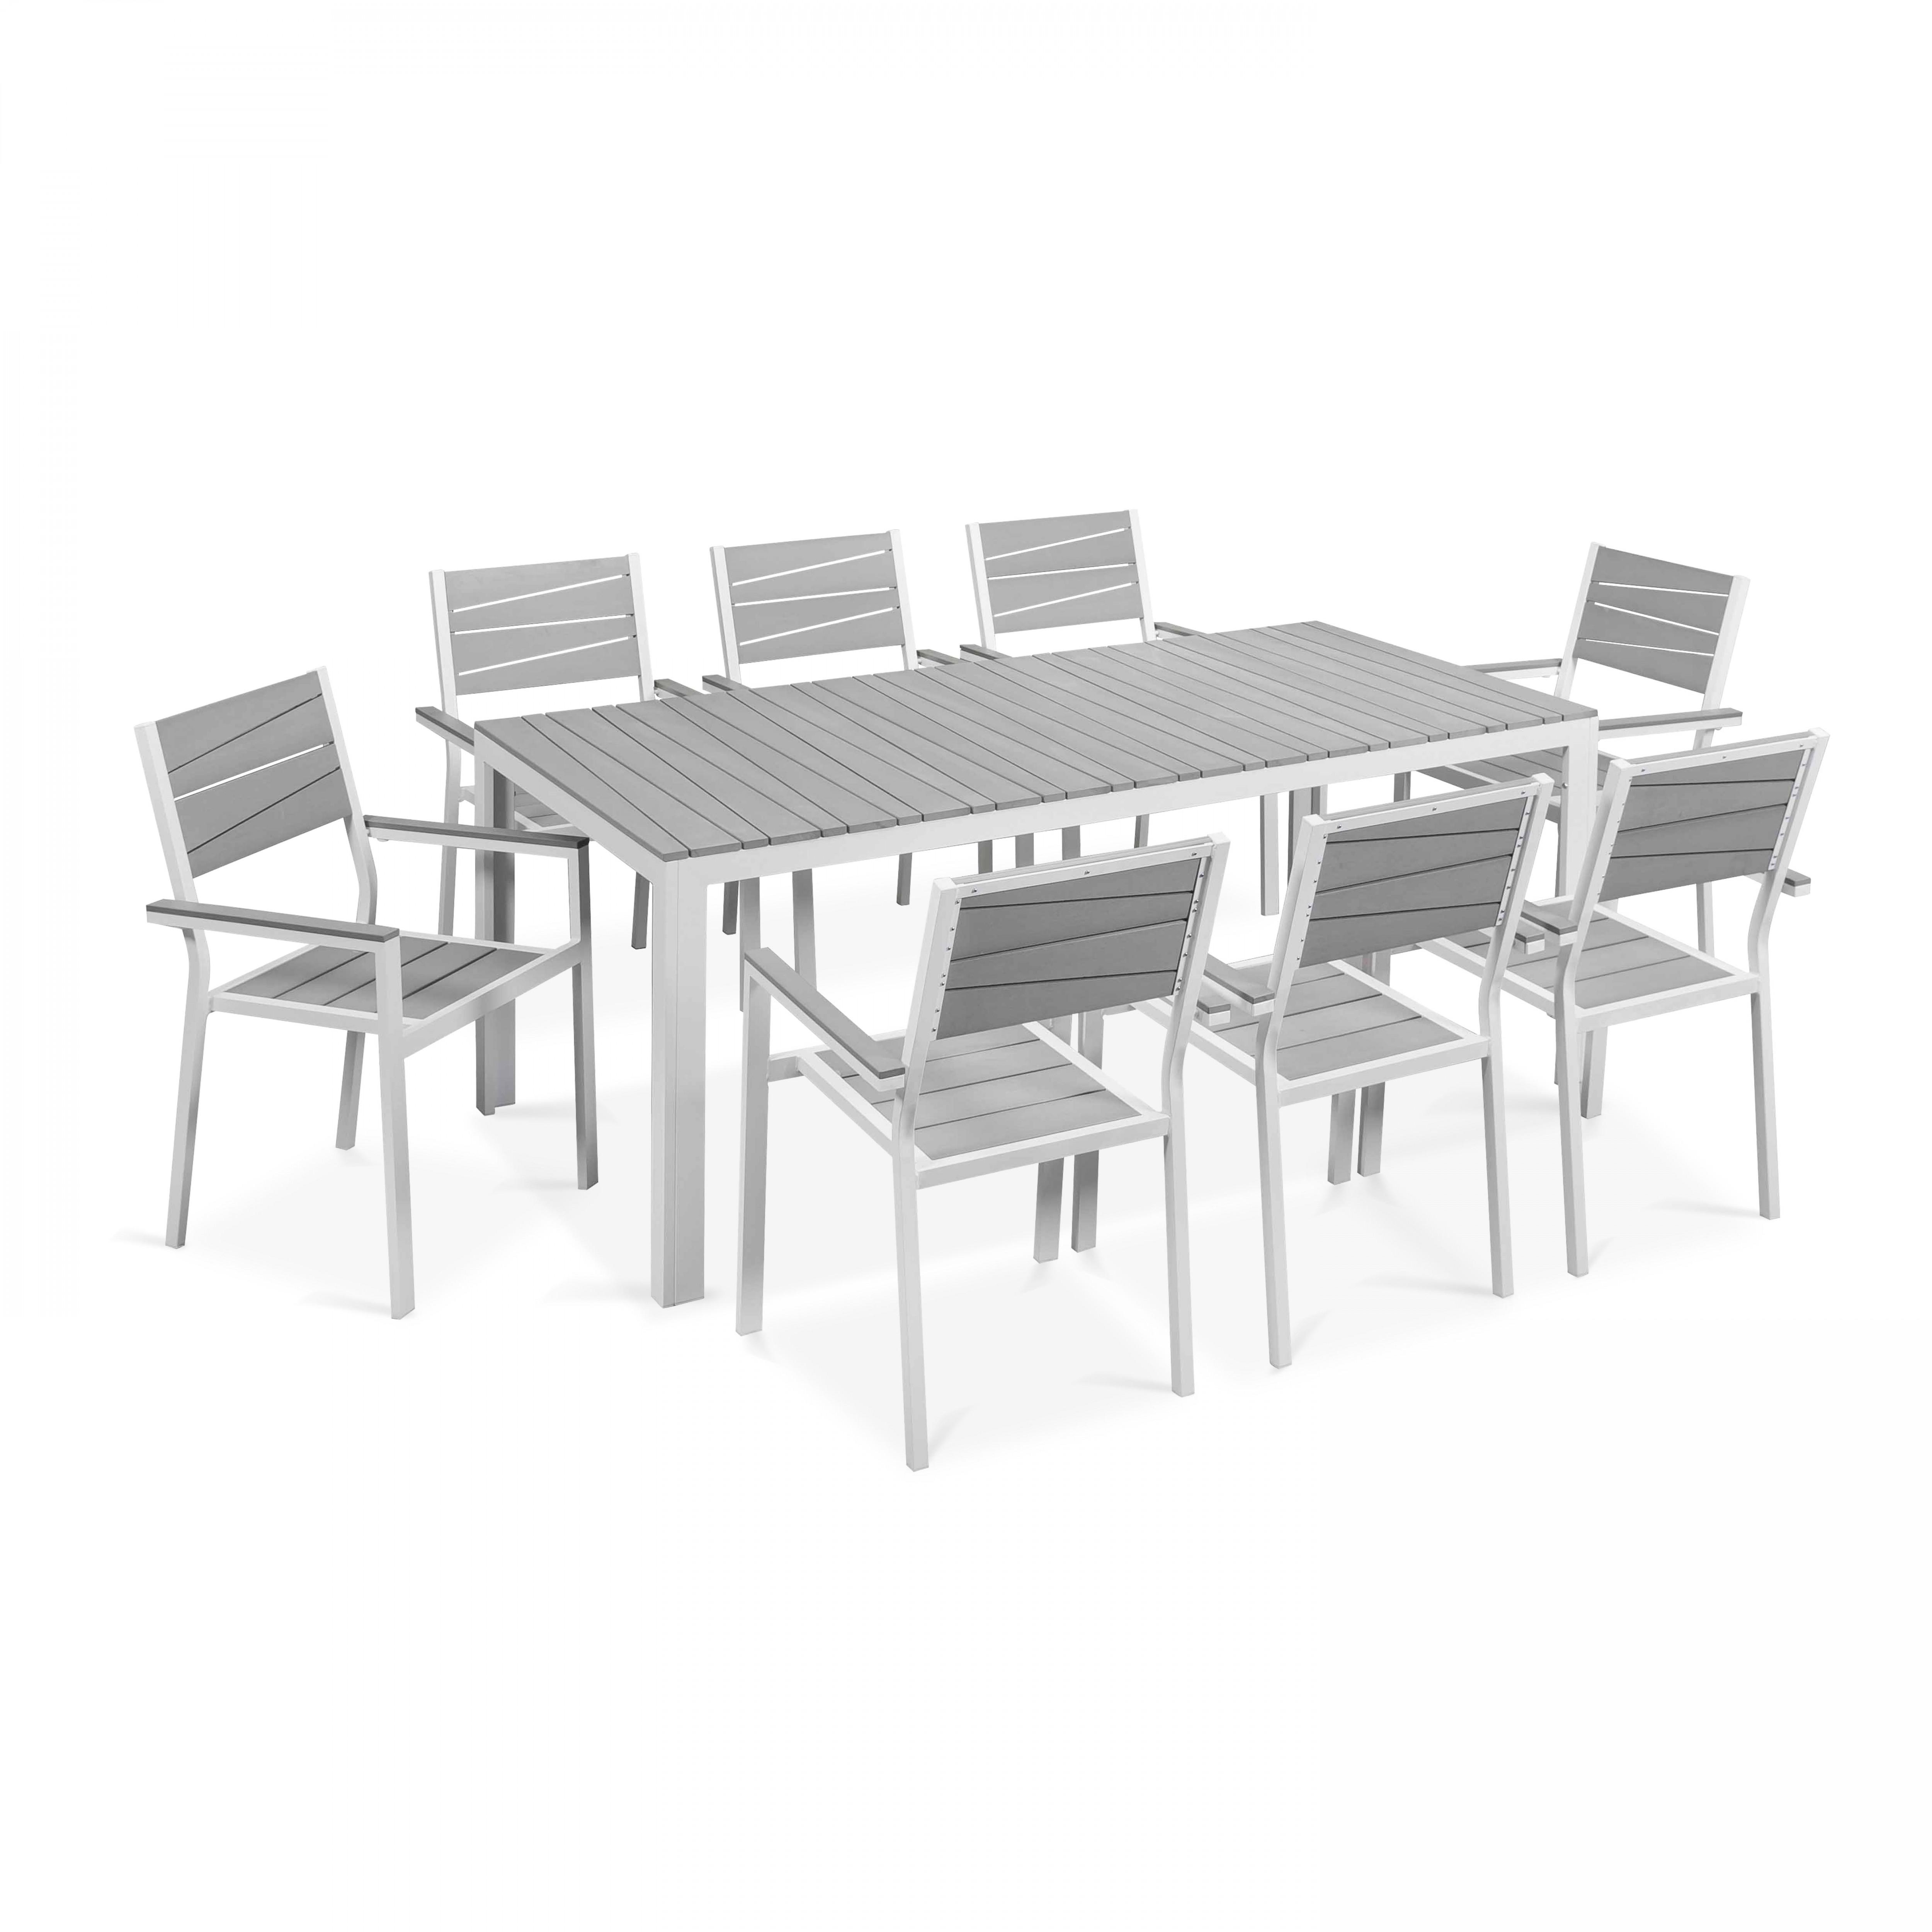 Table de jardin 8 places en aluminium blanc